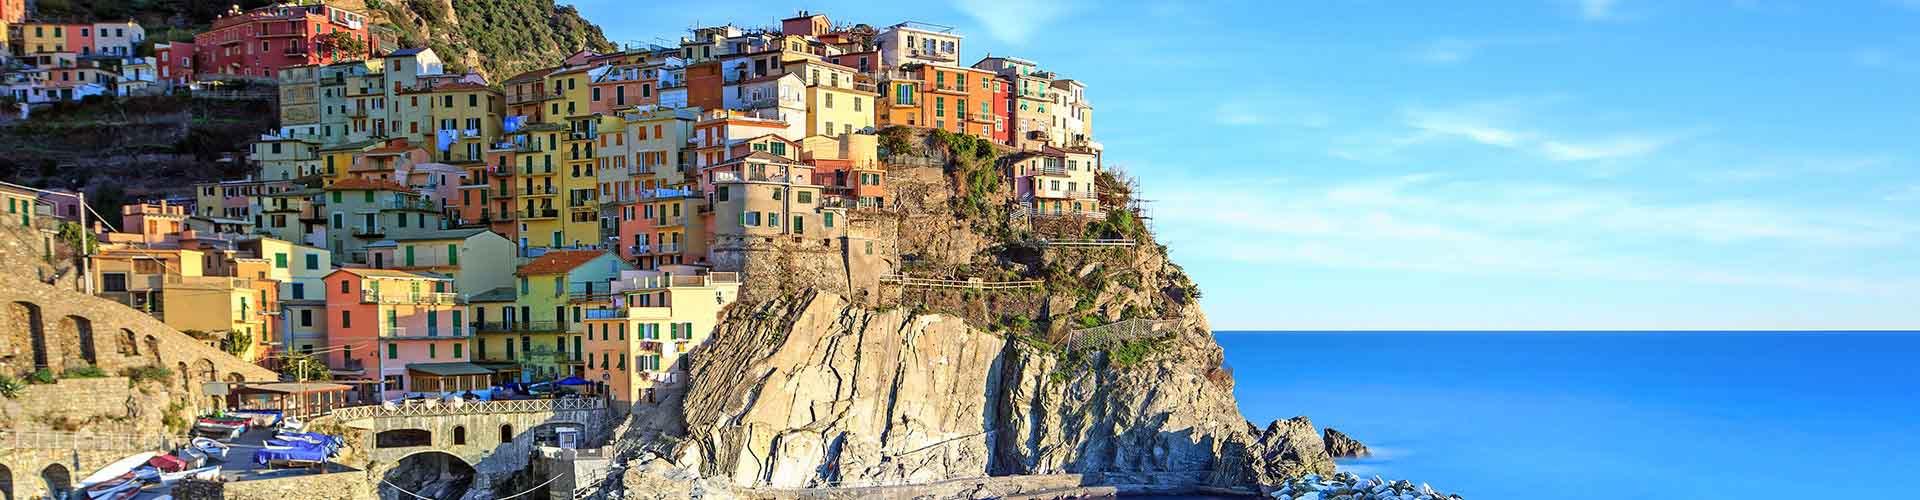 Cinque Terre - Hôtels à Cinque Terre. Cartes pour Cinque Terre, photos et commentaires pour chaque hôtel à Cinque Terre.